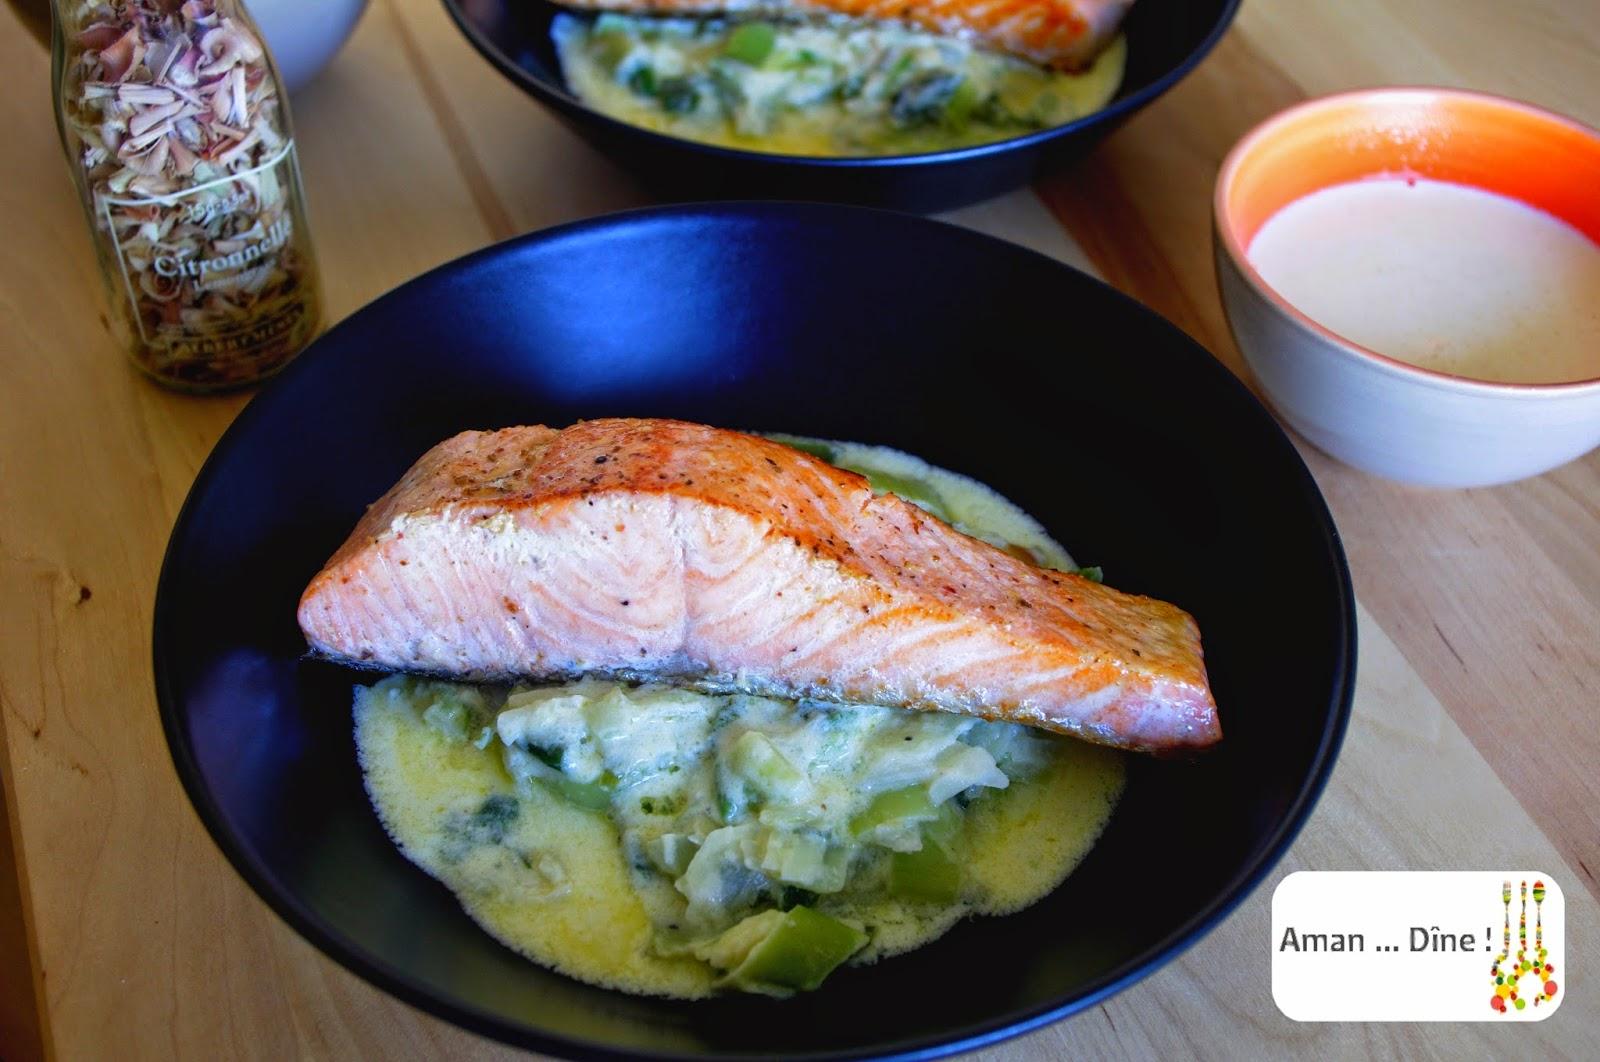 Saumon grillé et fondue de poireaux au cheddar